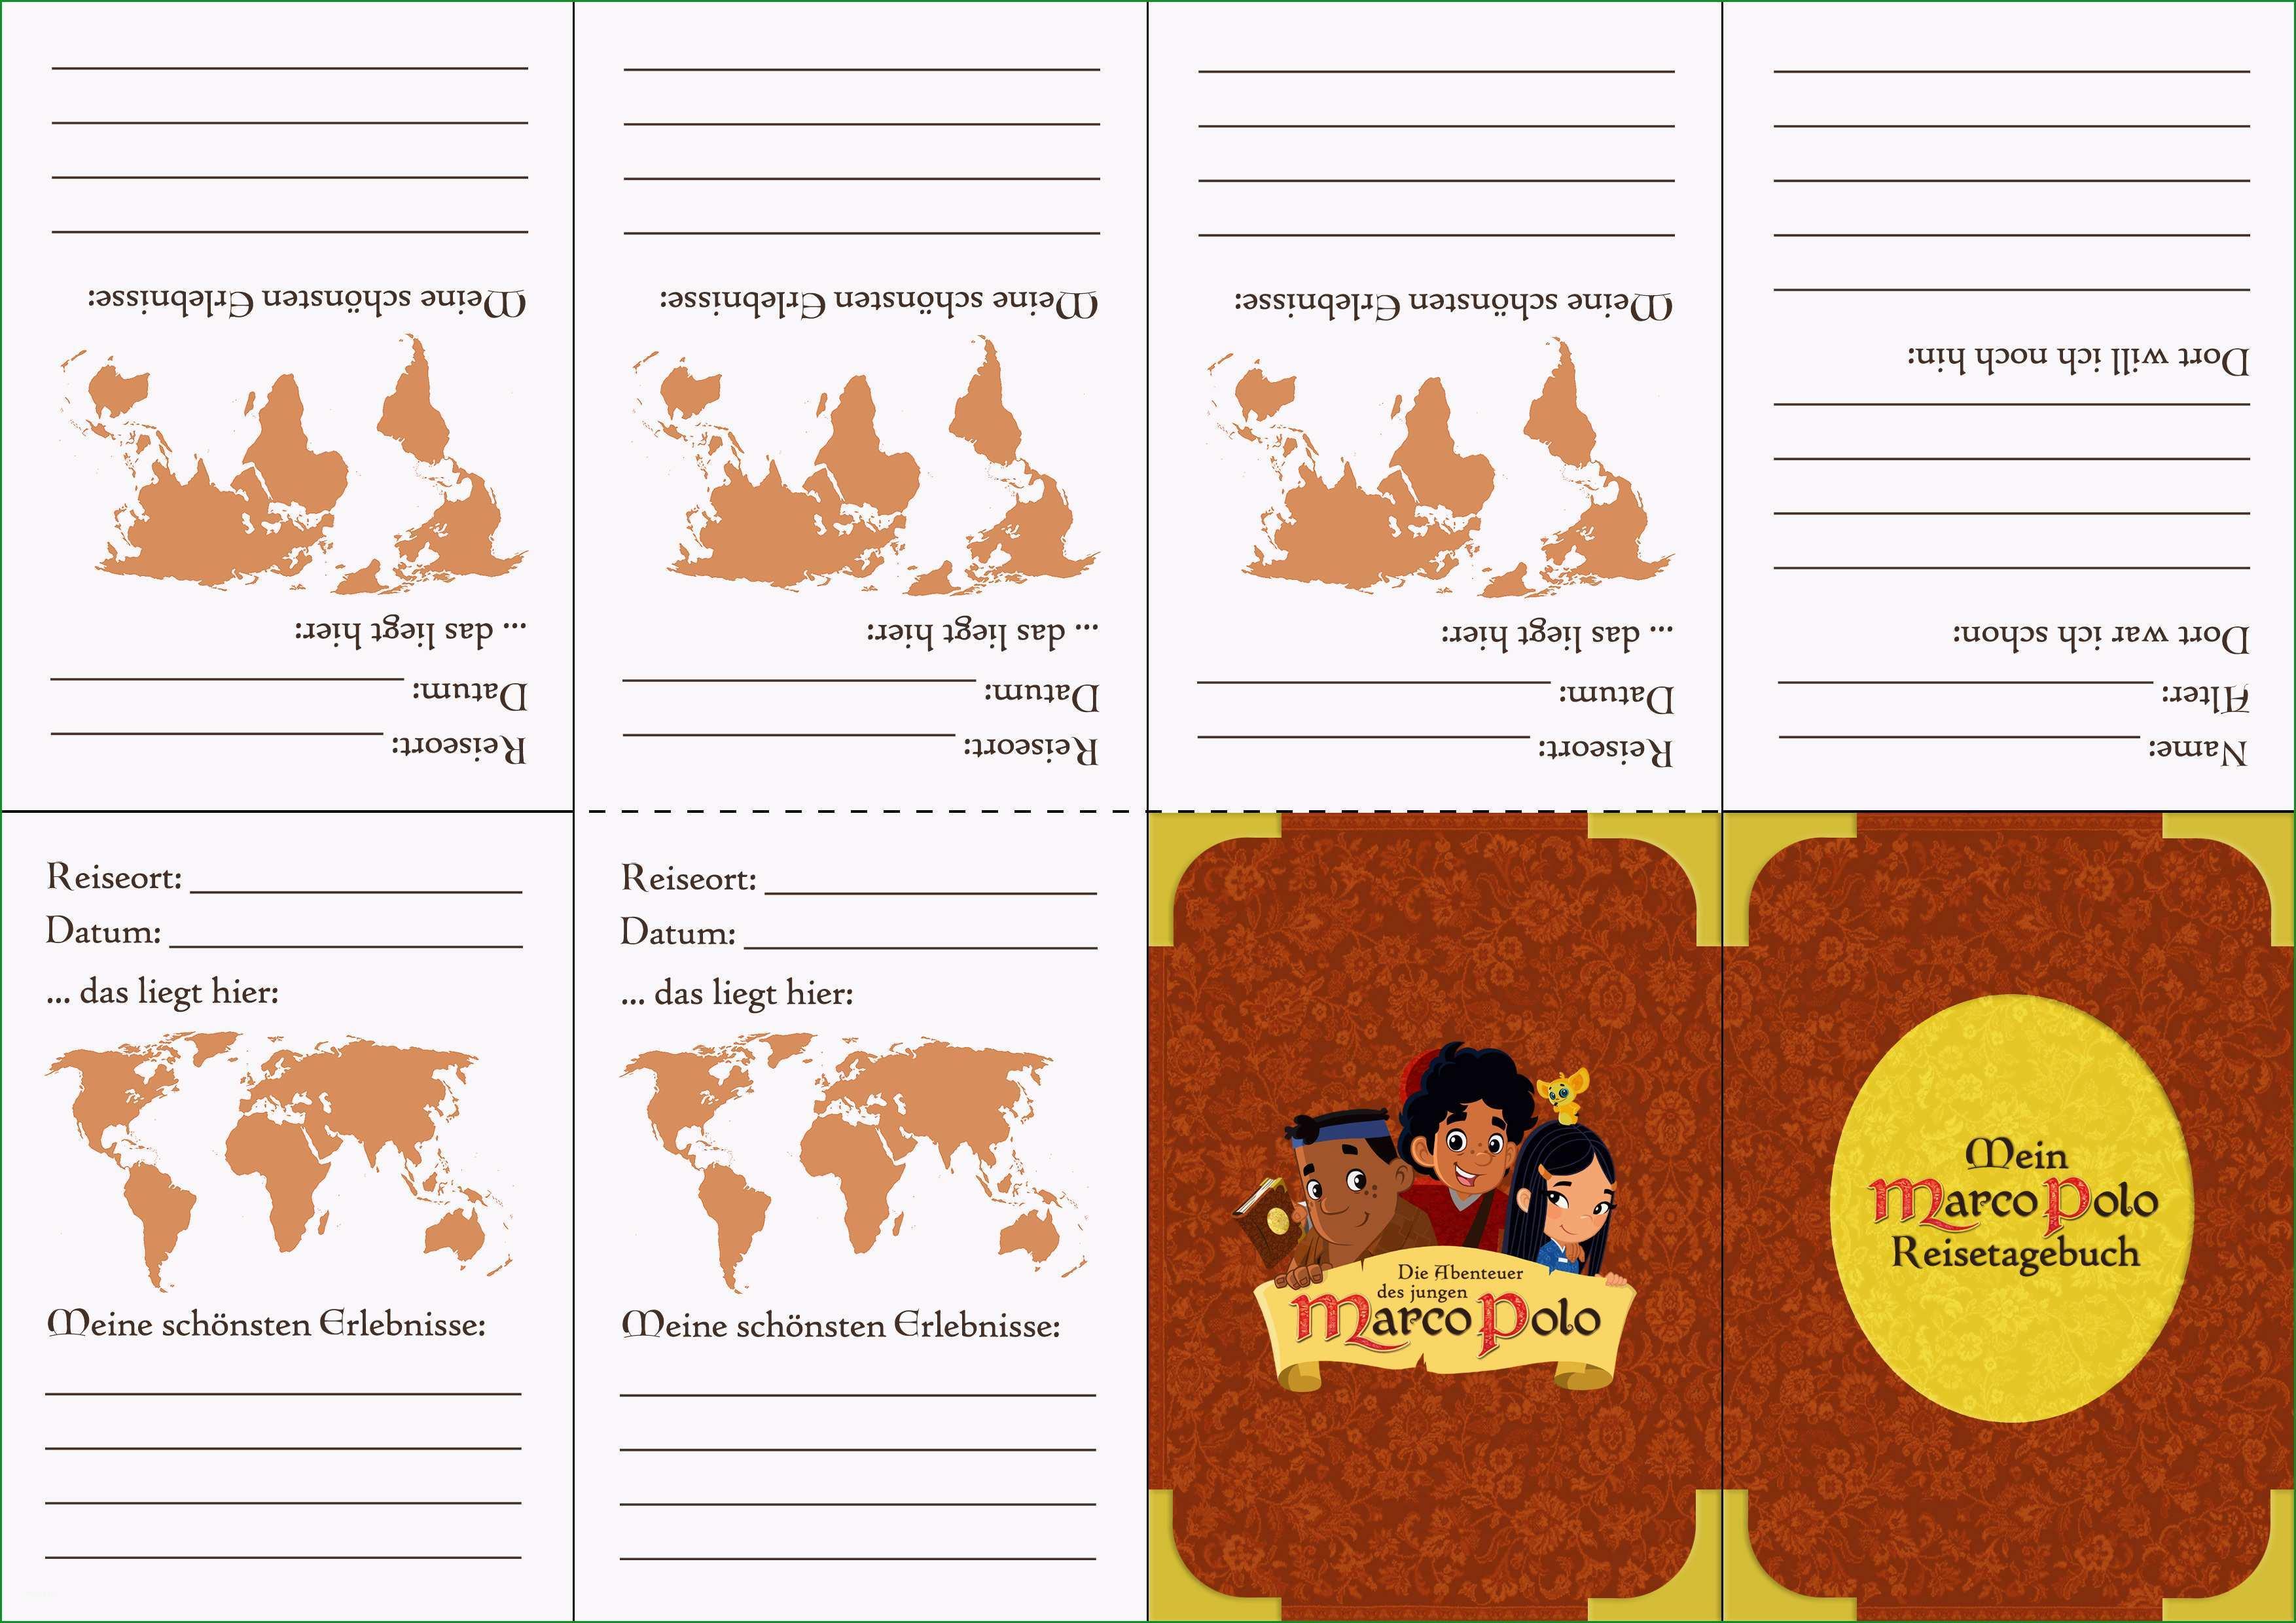 Atemberaubend Reisetagebuch Vorlage Die Abenteuer Des Jungen Marco Polo